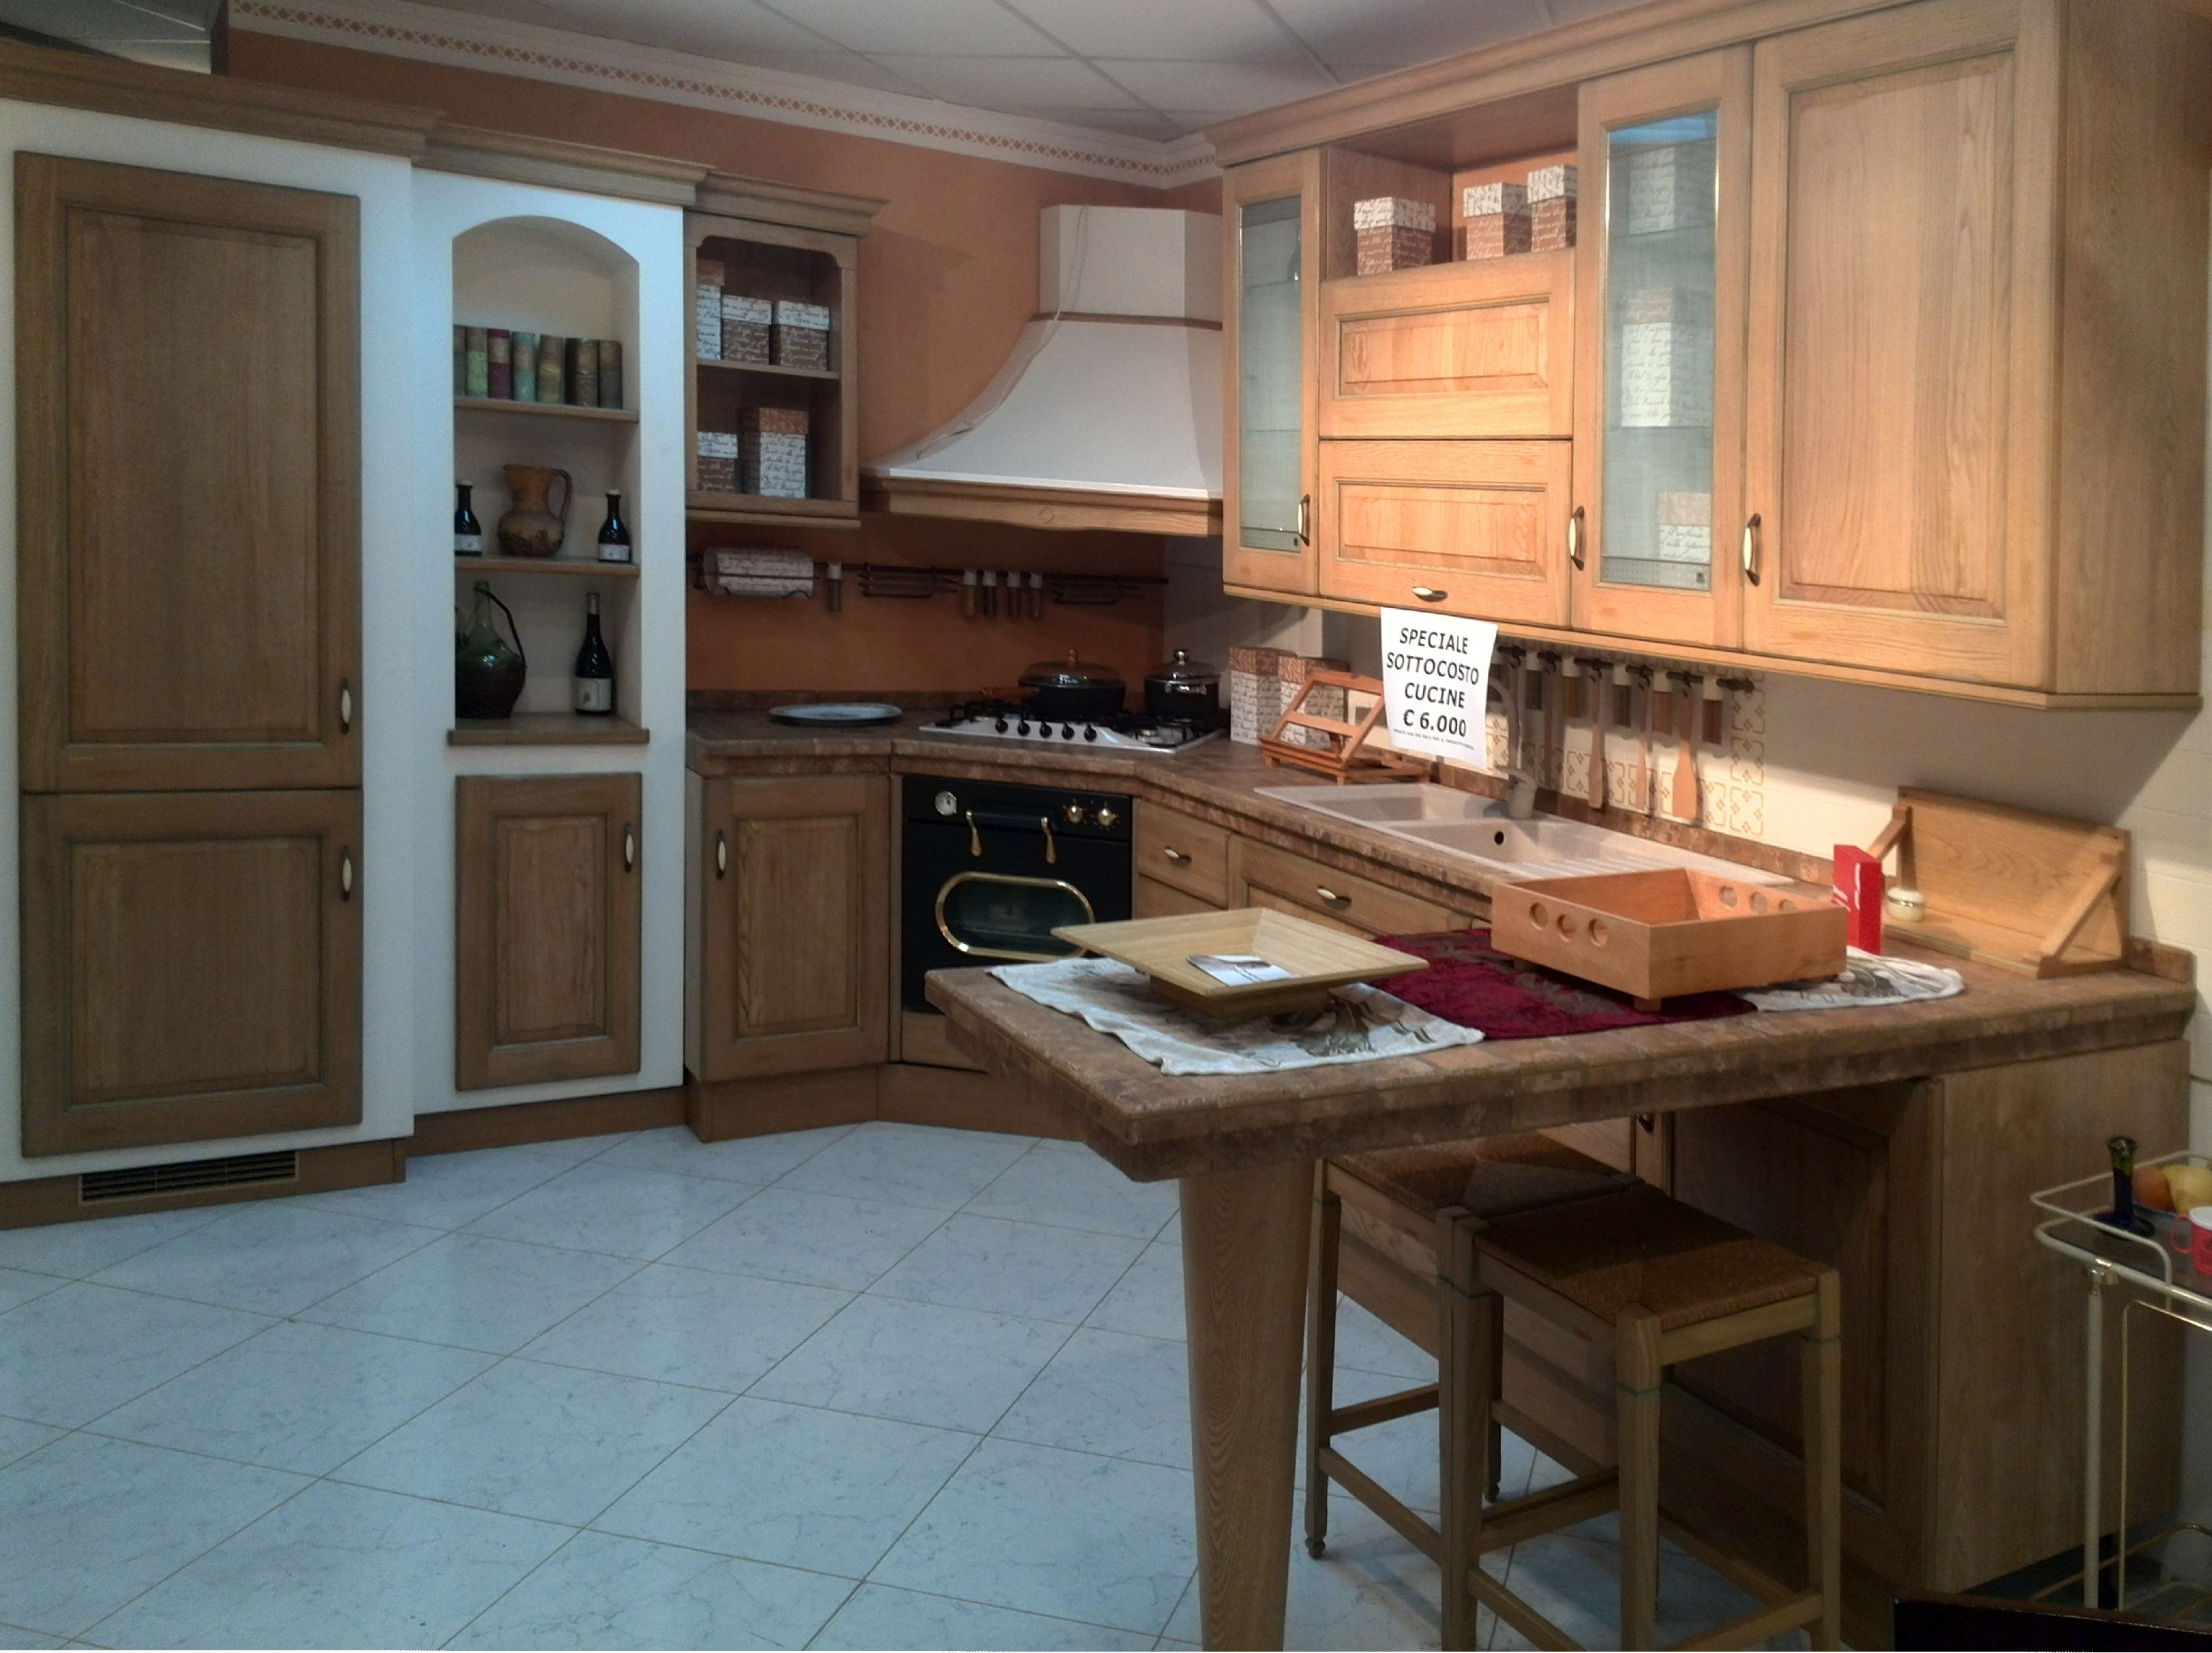 Cucina scavolini belvedere muratura scontato del 67 - Costo cucina scavolini ...